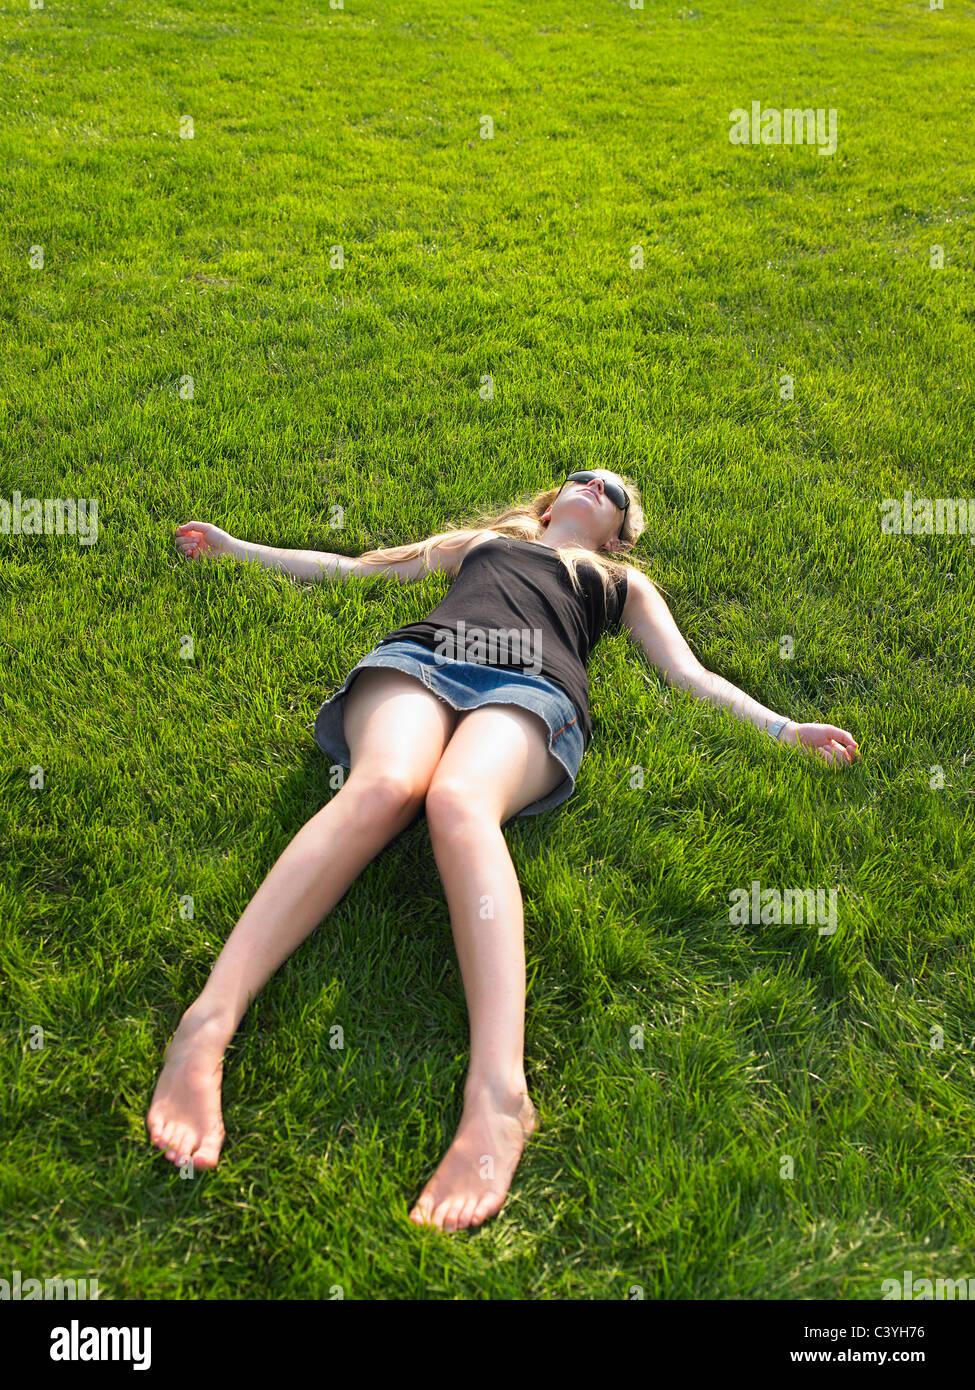 La donna a central park, godendo della vista Immagini Stock